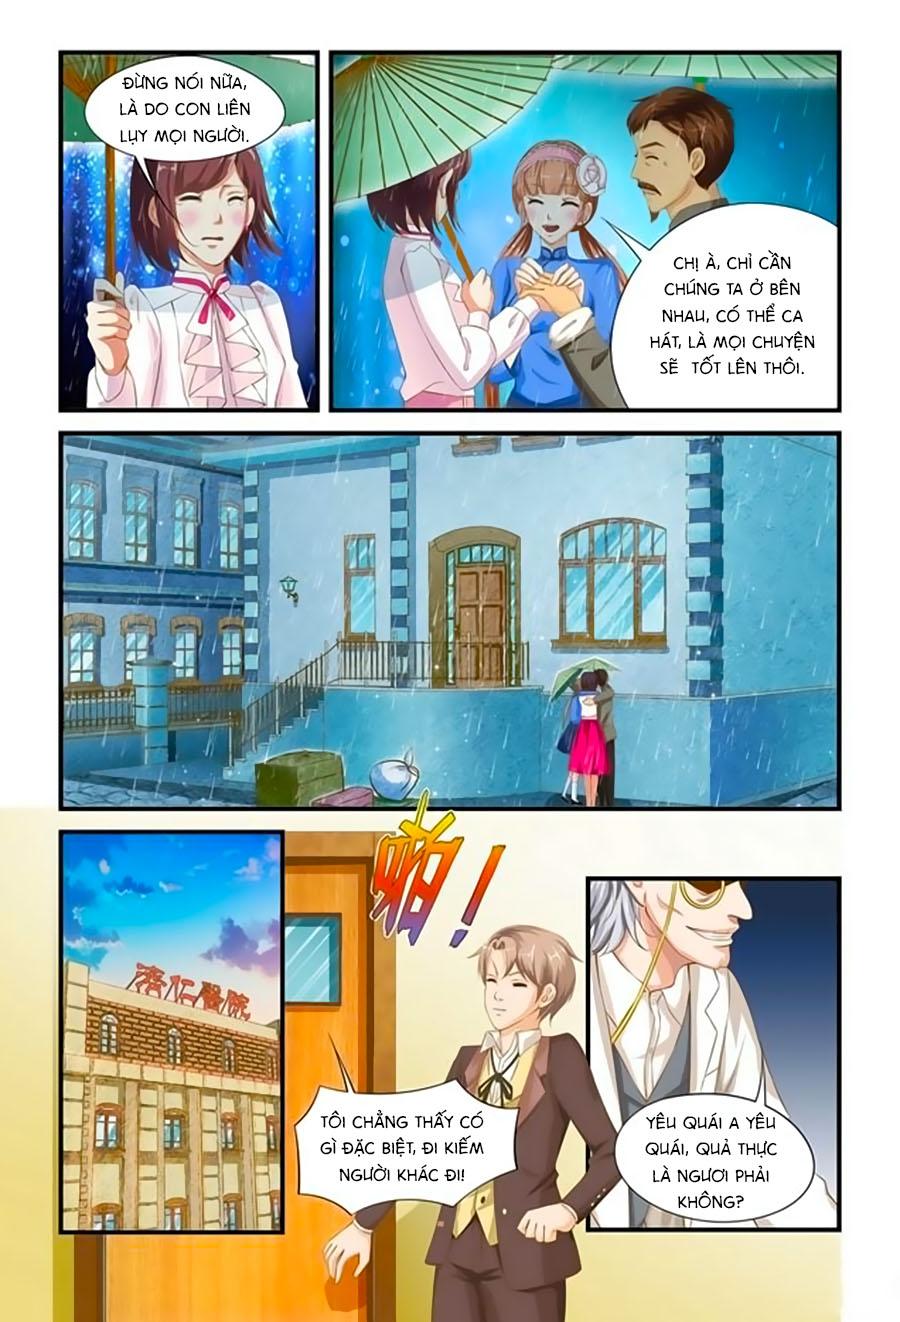 Bán Yêu Khuynh Thành Chap 3 - Next Chap 4